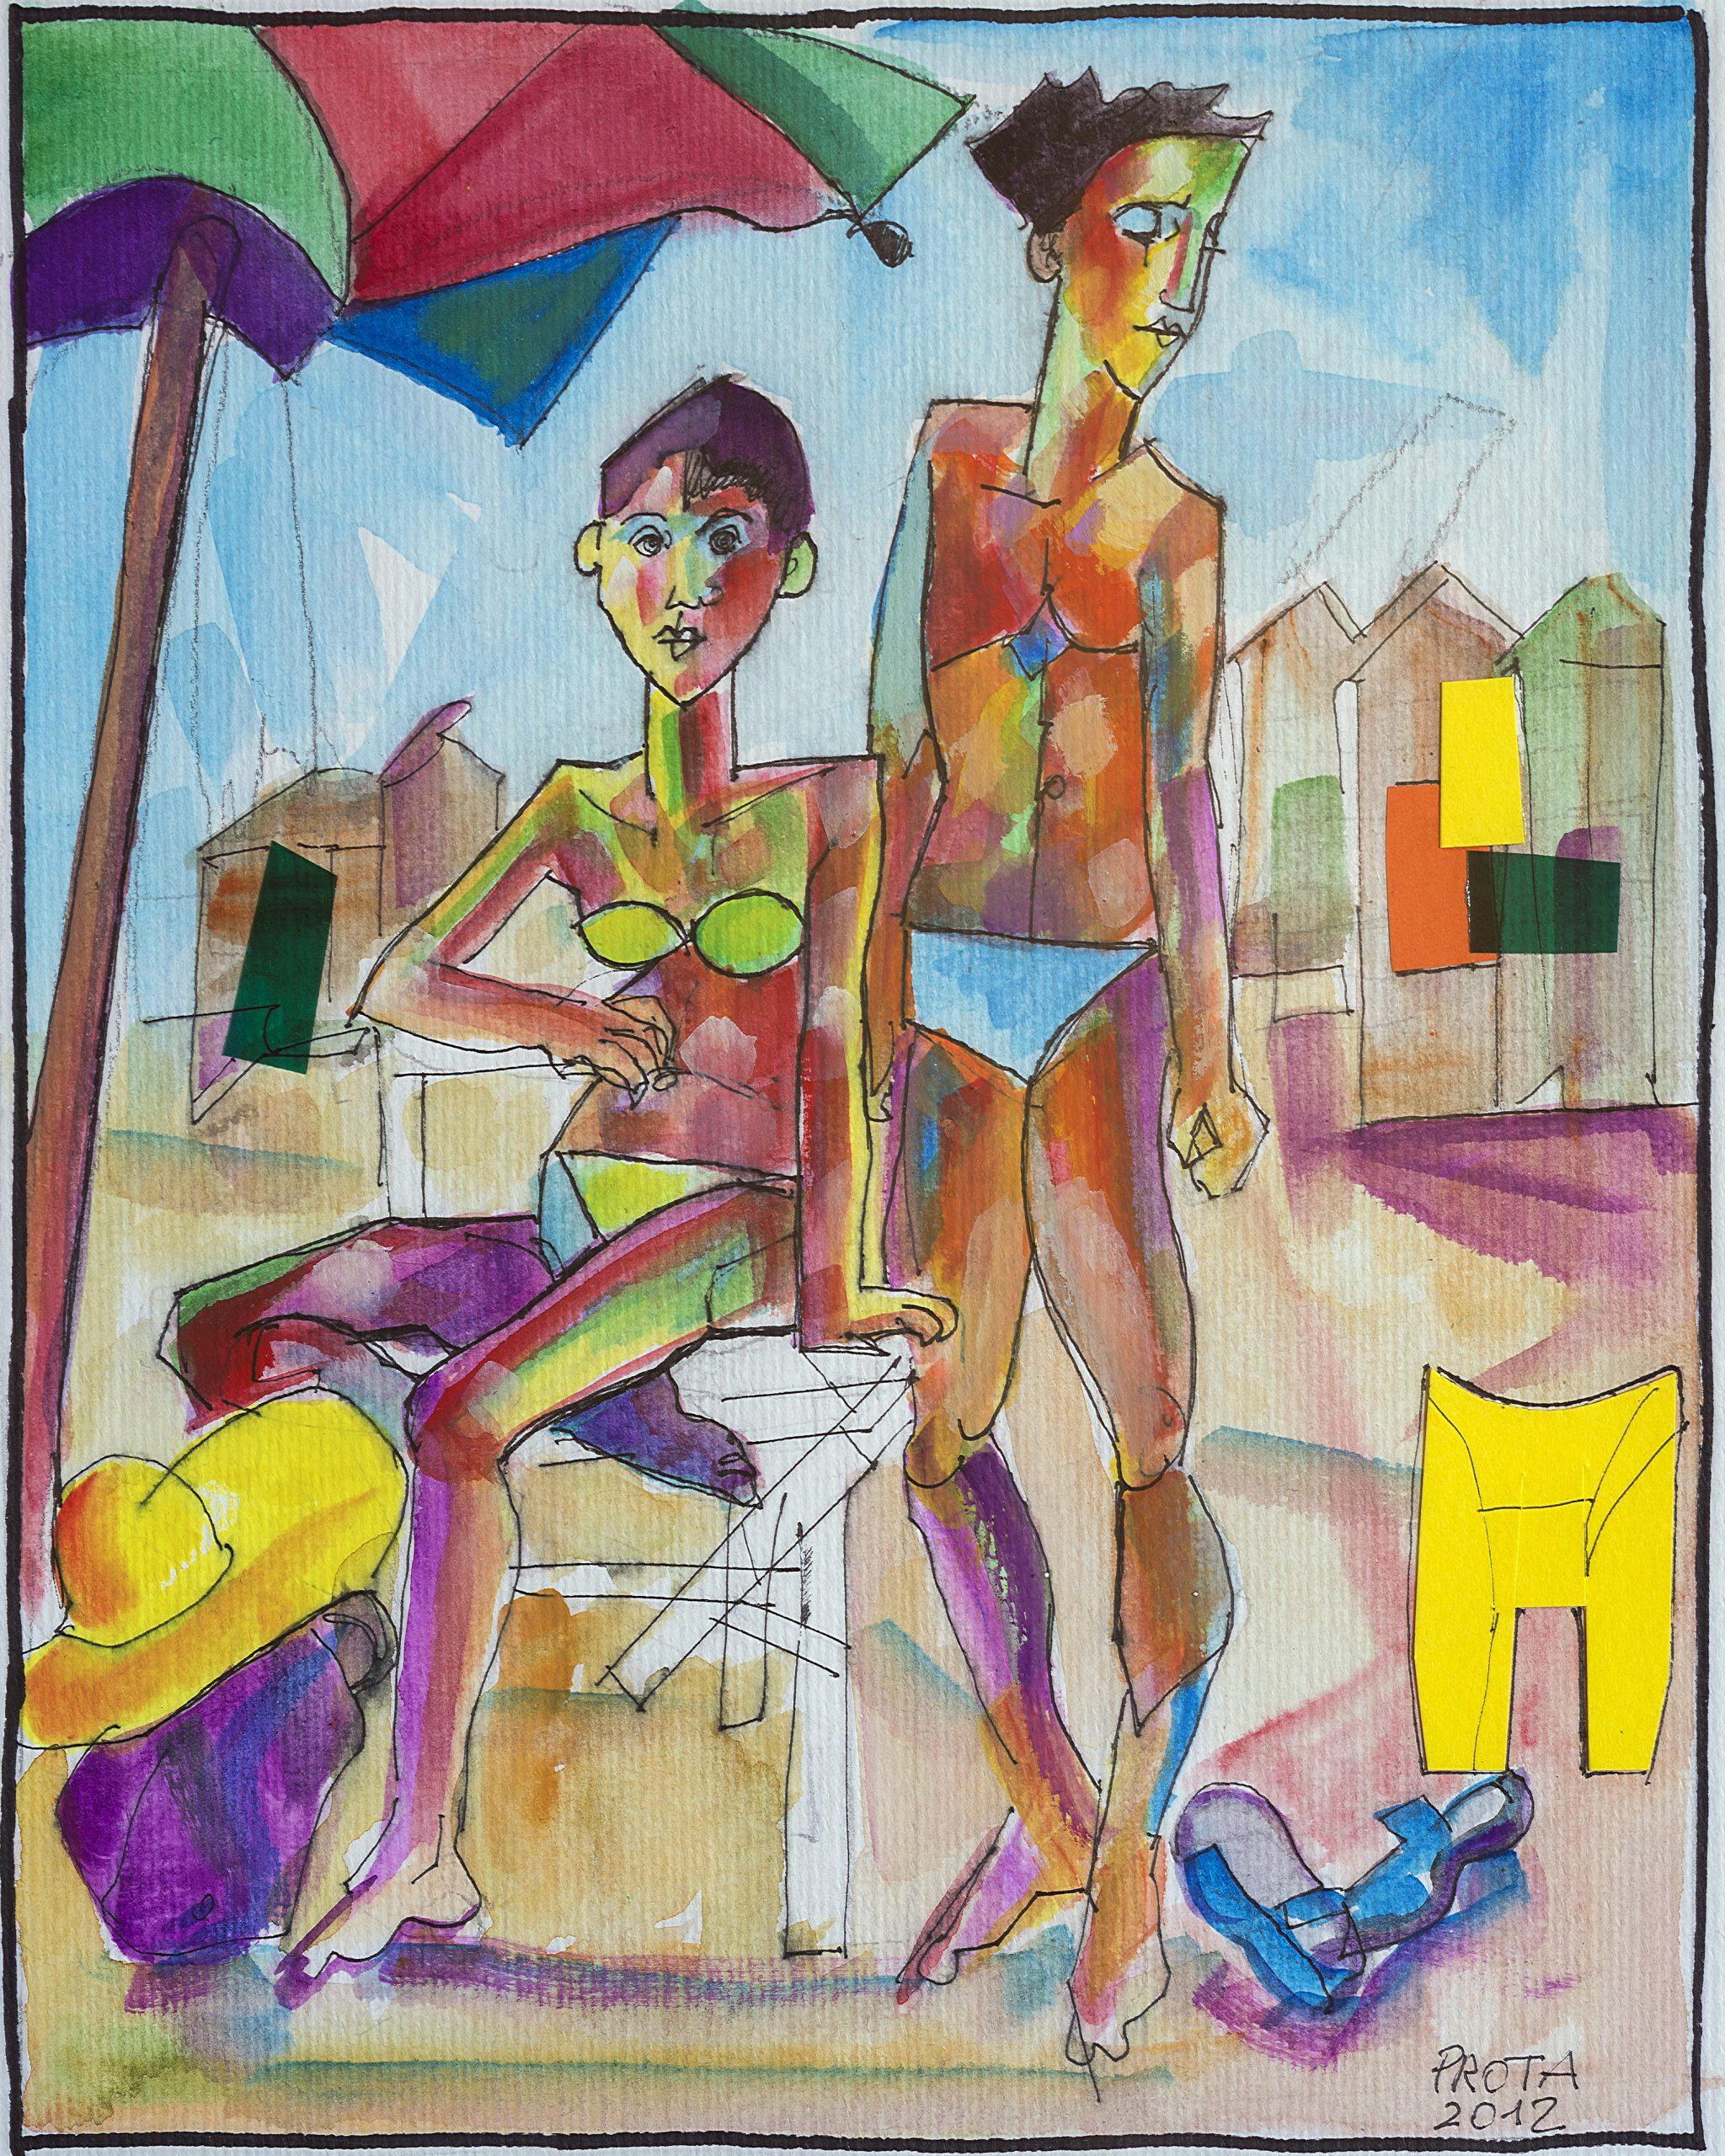 2012 - Spiaggia - 25x20 cm